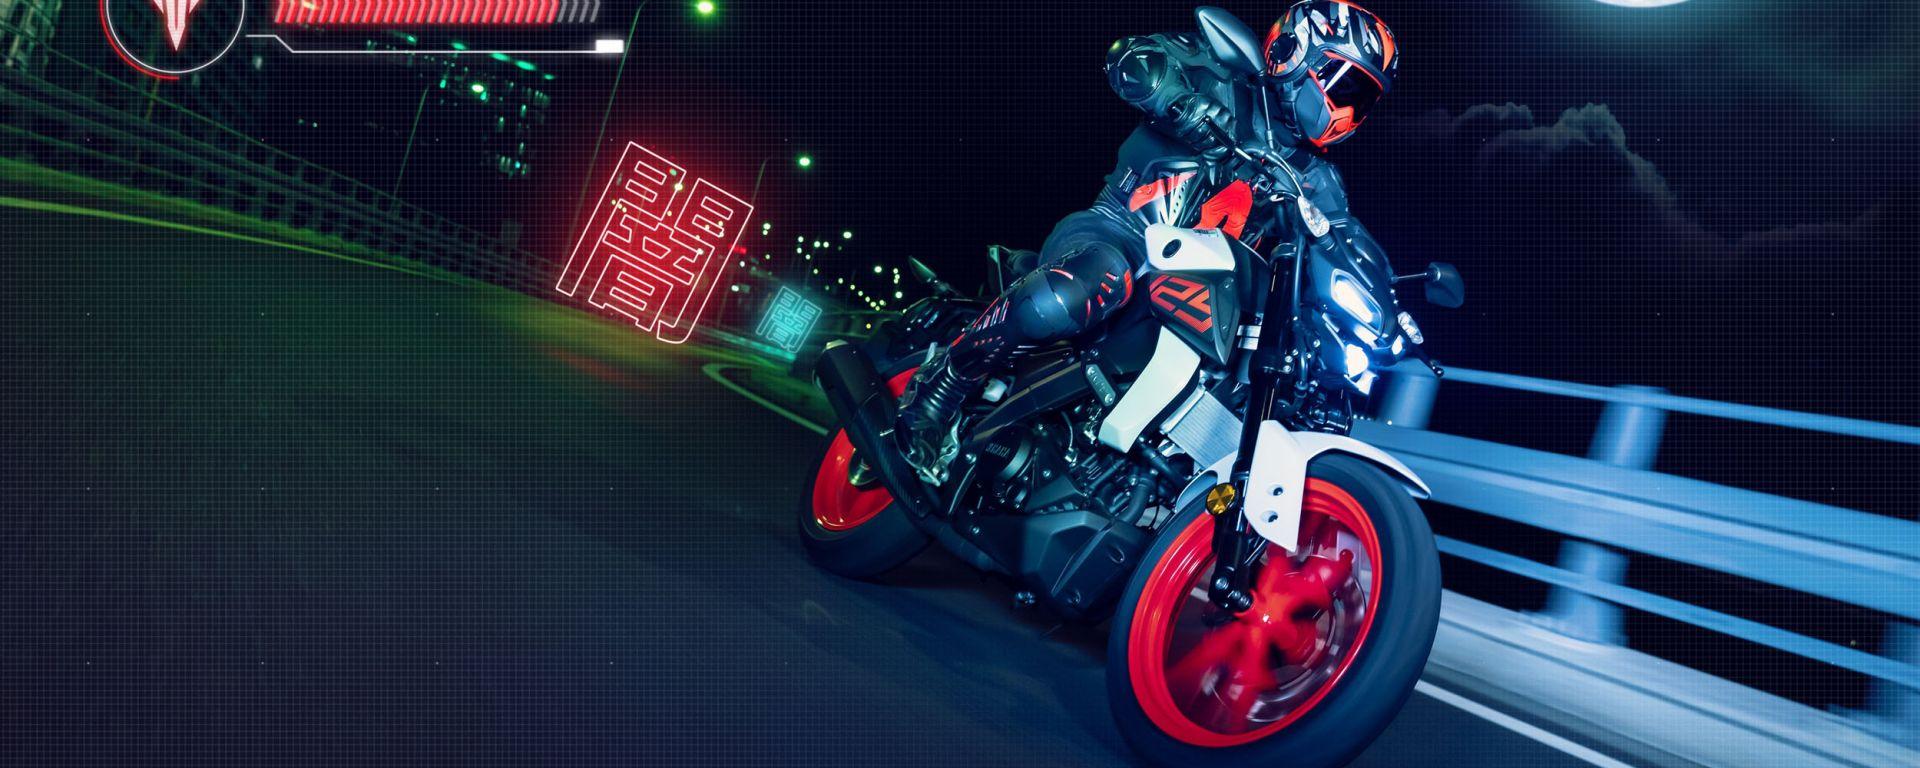 Nuova Yamaha MT-125 2020